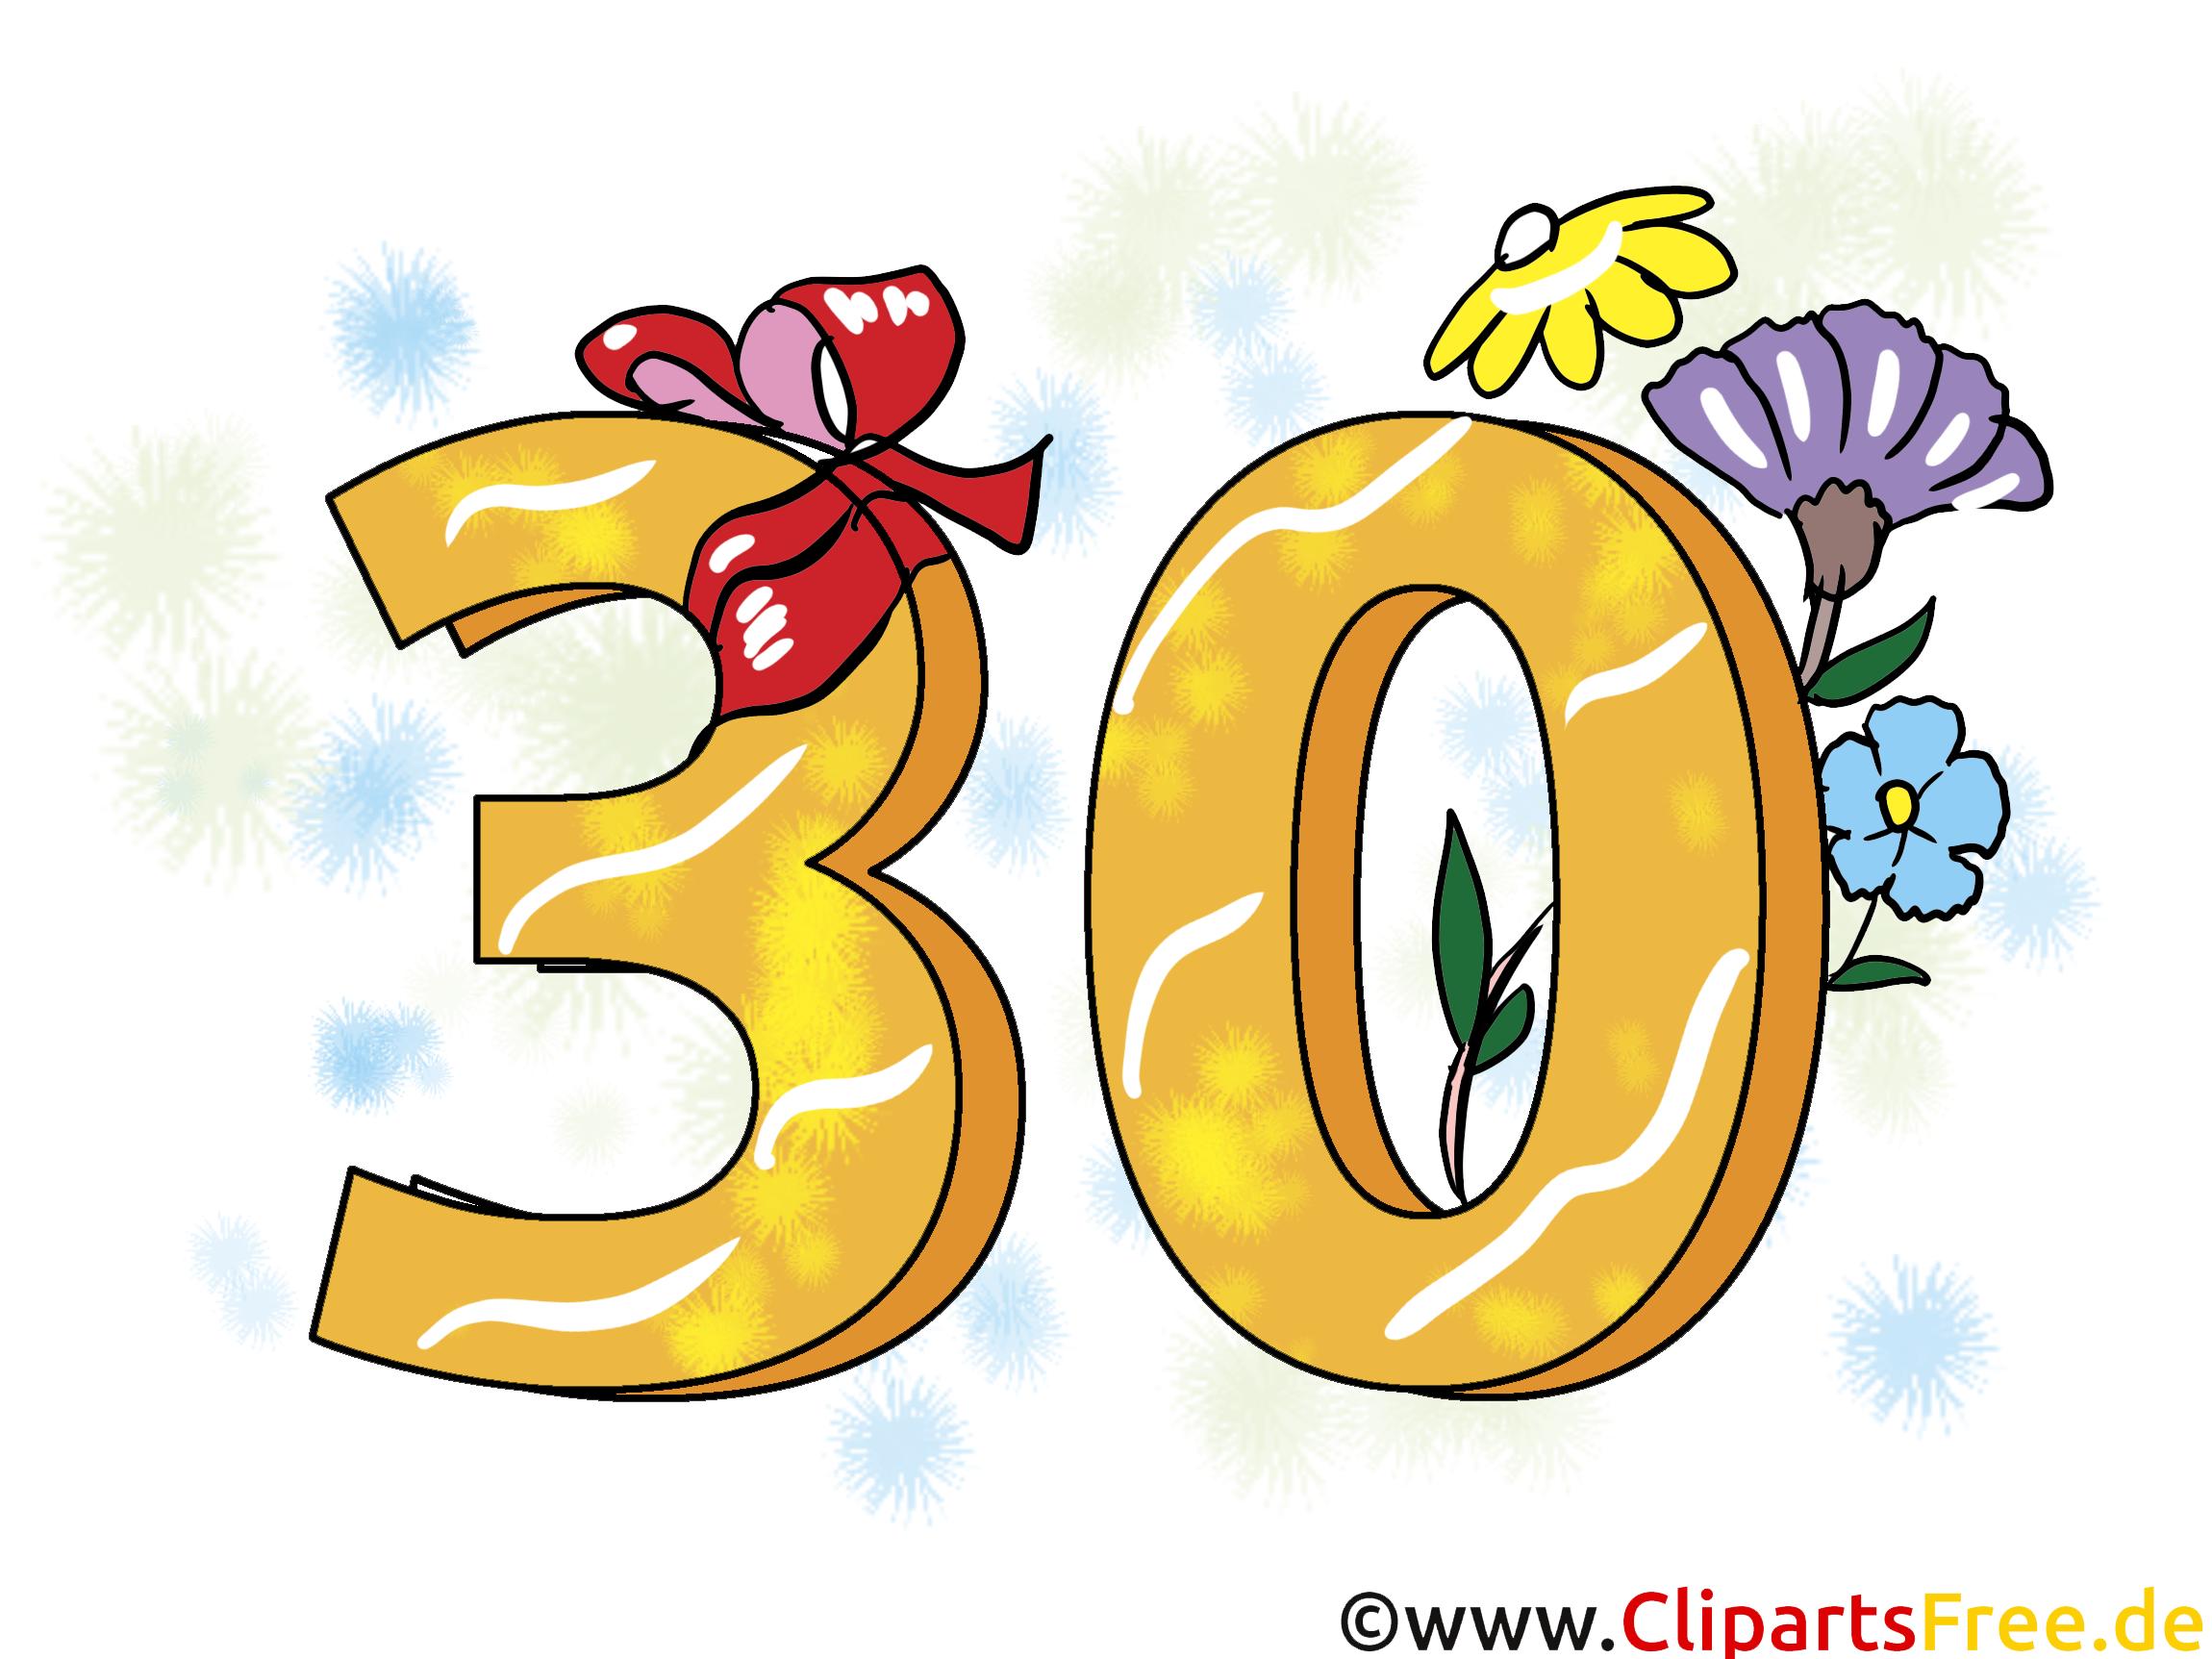 30 ans dessin gratuit – Anniversaire image